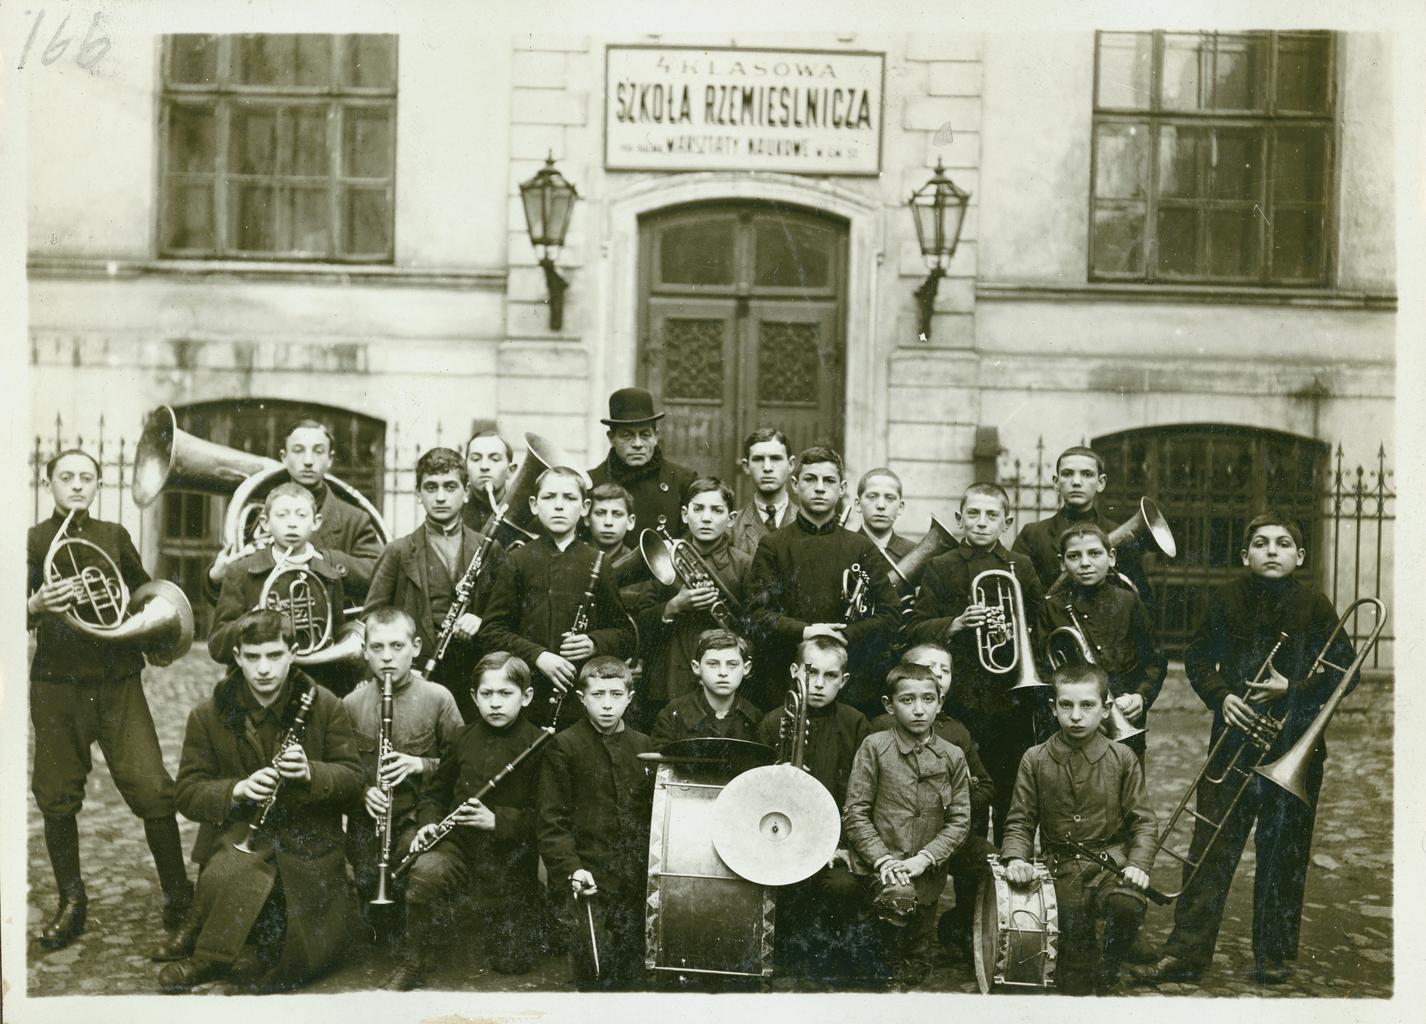 Оркестр профессионального училища Натансона в Варшаве, Польша